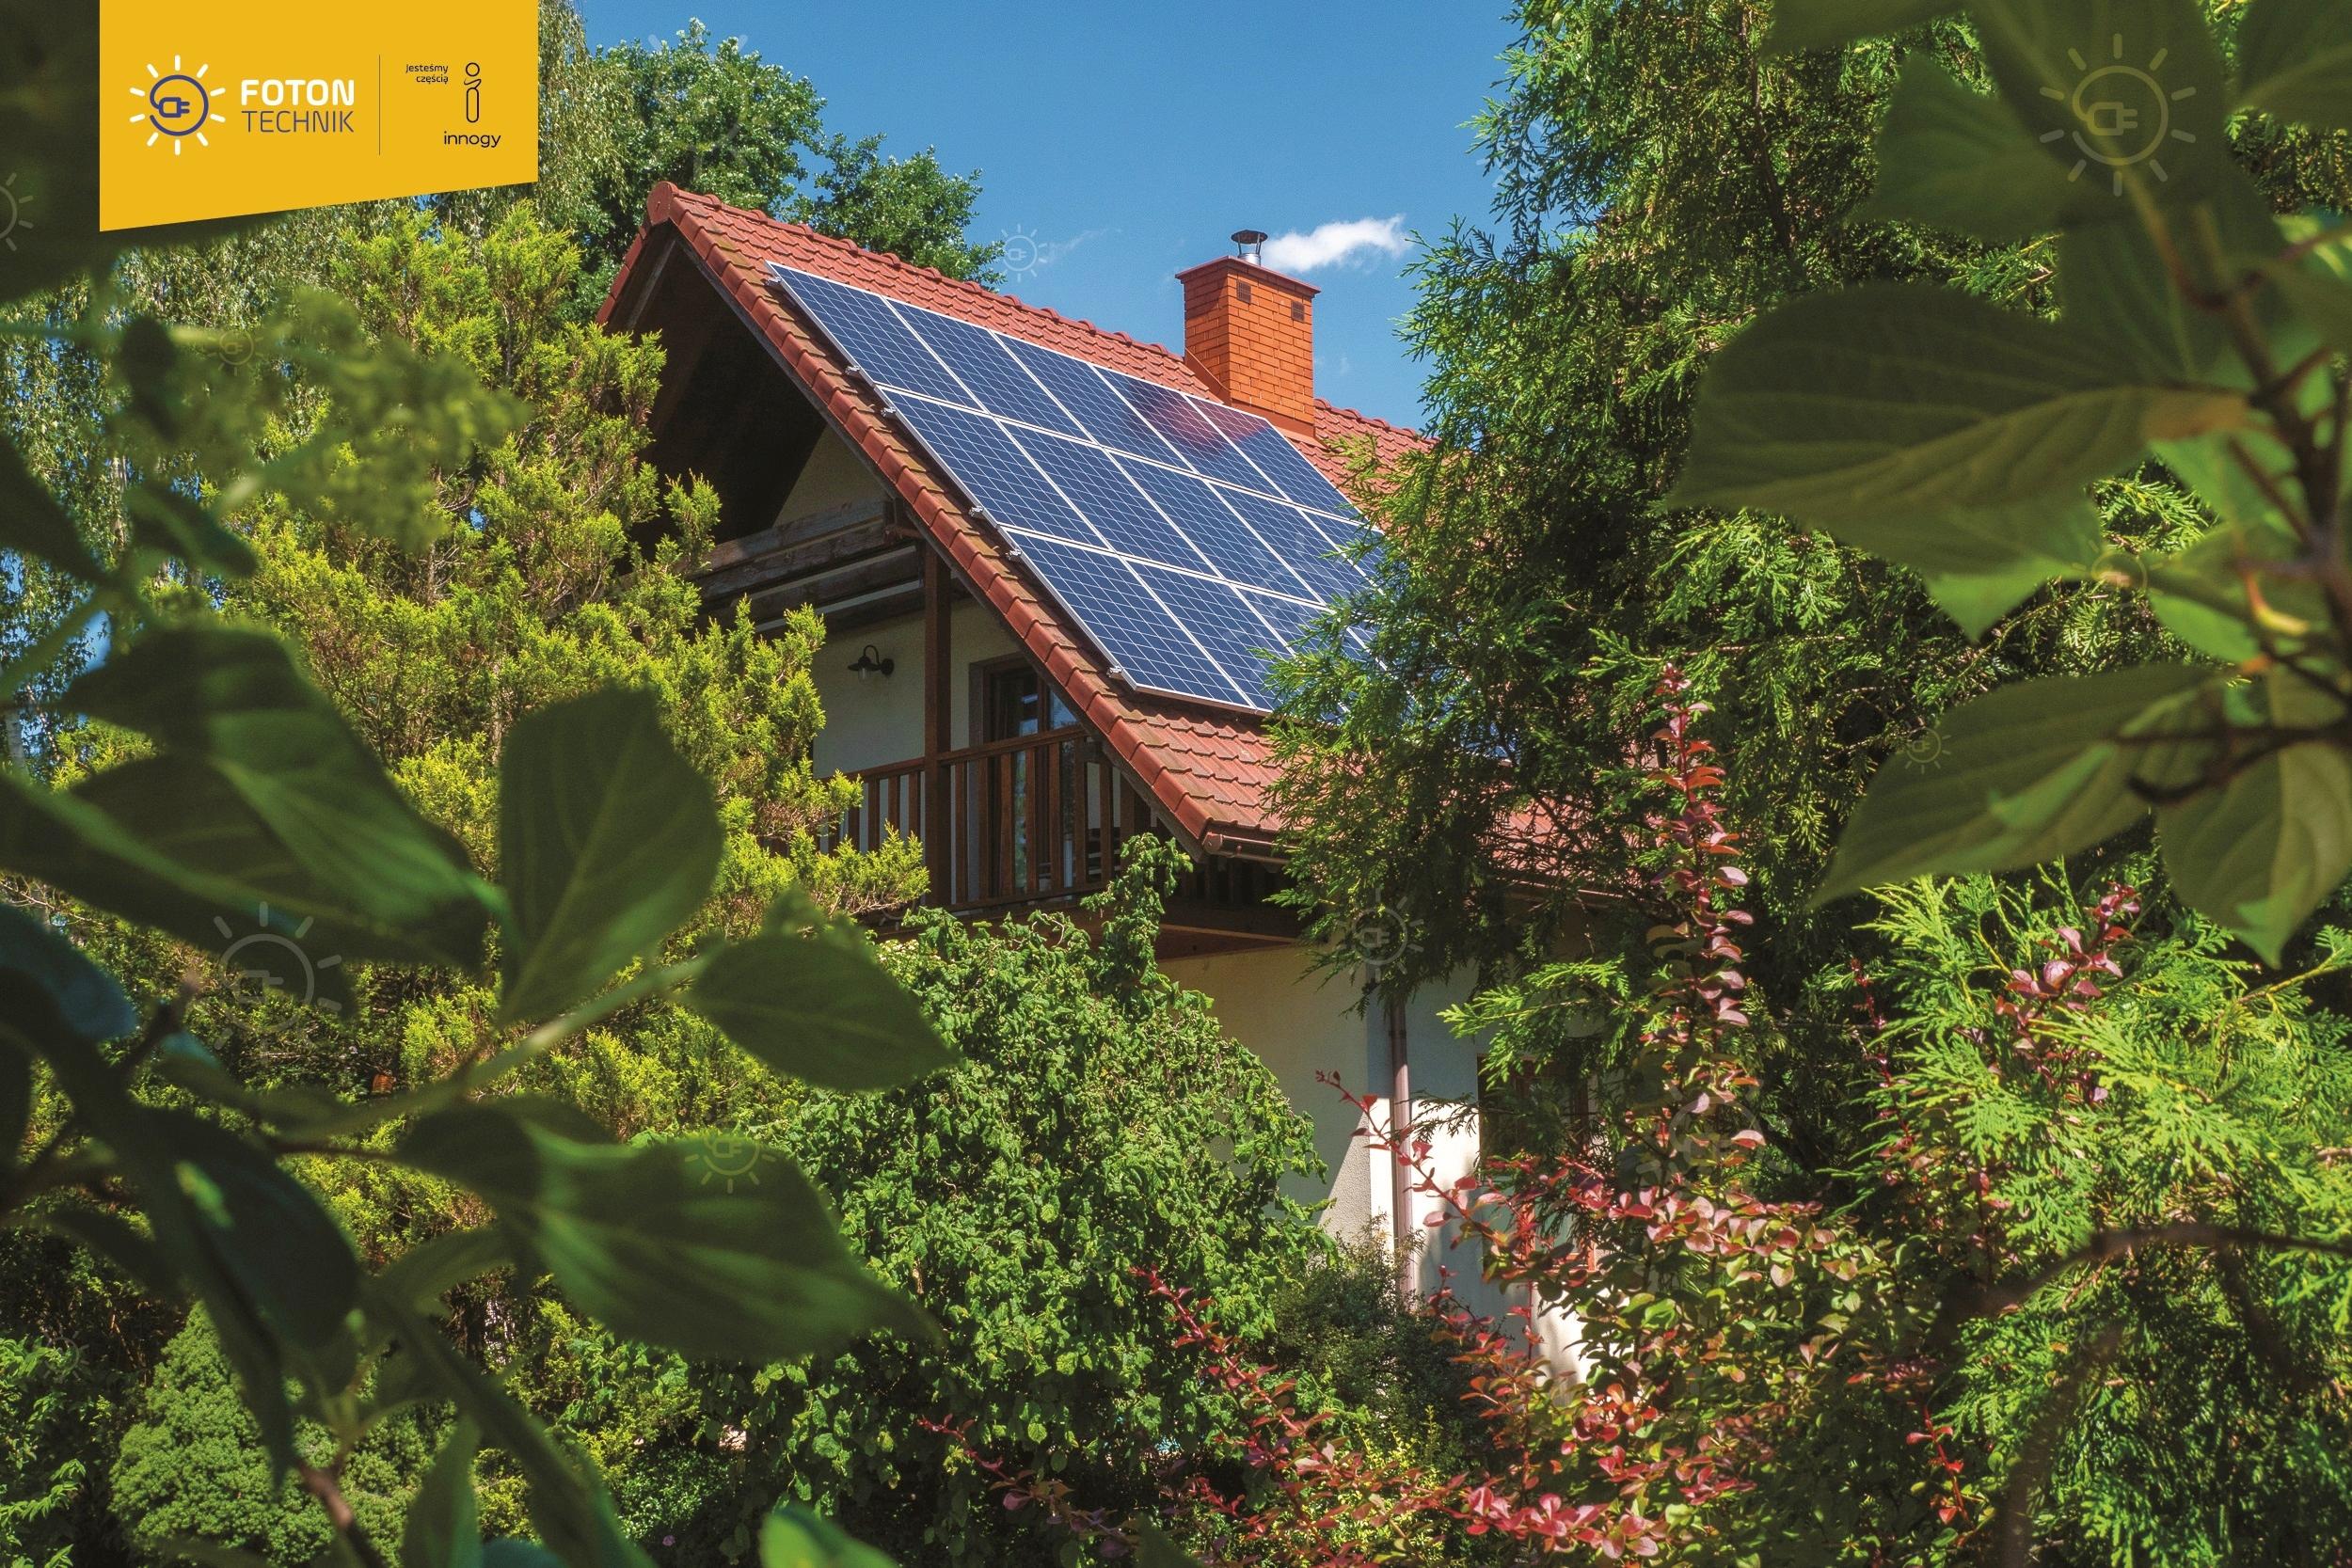 dofinansowanie-instalacji-fotowoltaicznych-2021-rok-foton-technik